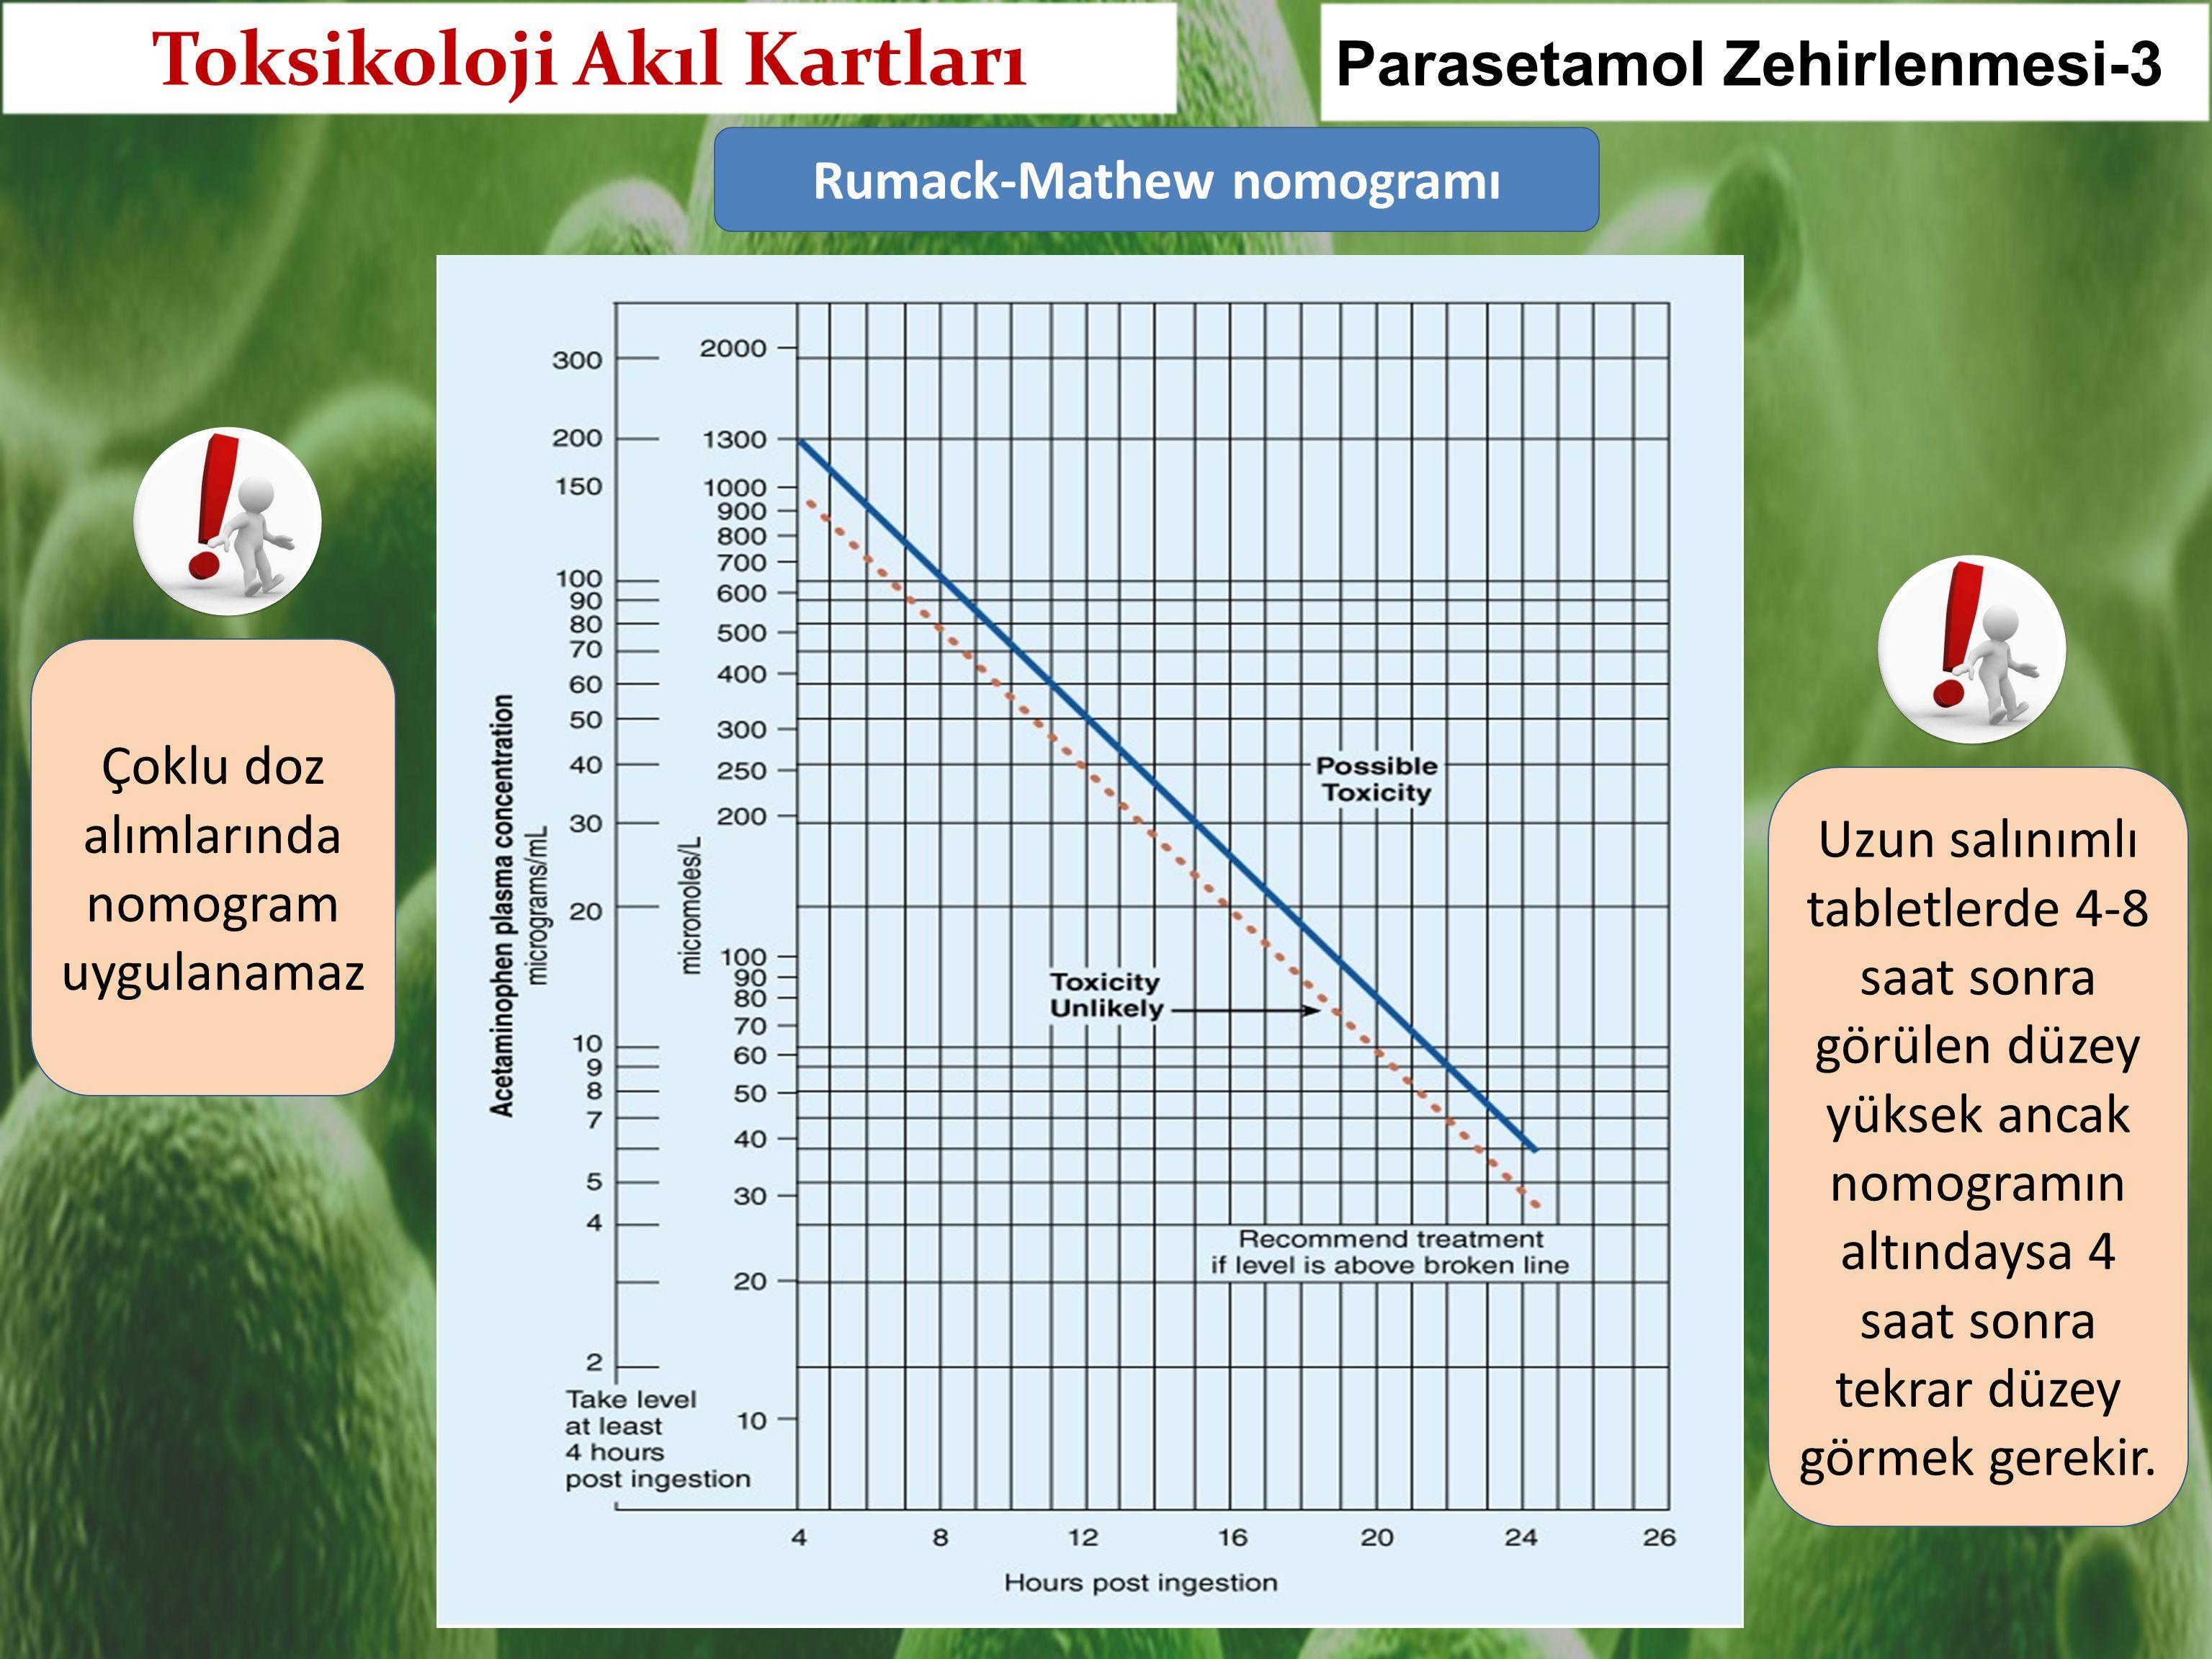 Toksikoloji Akıl Kartları Rumack-Mathew nomogramı